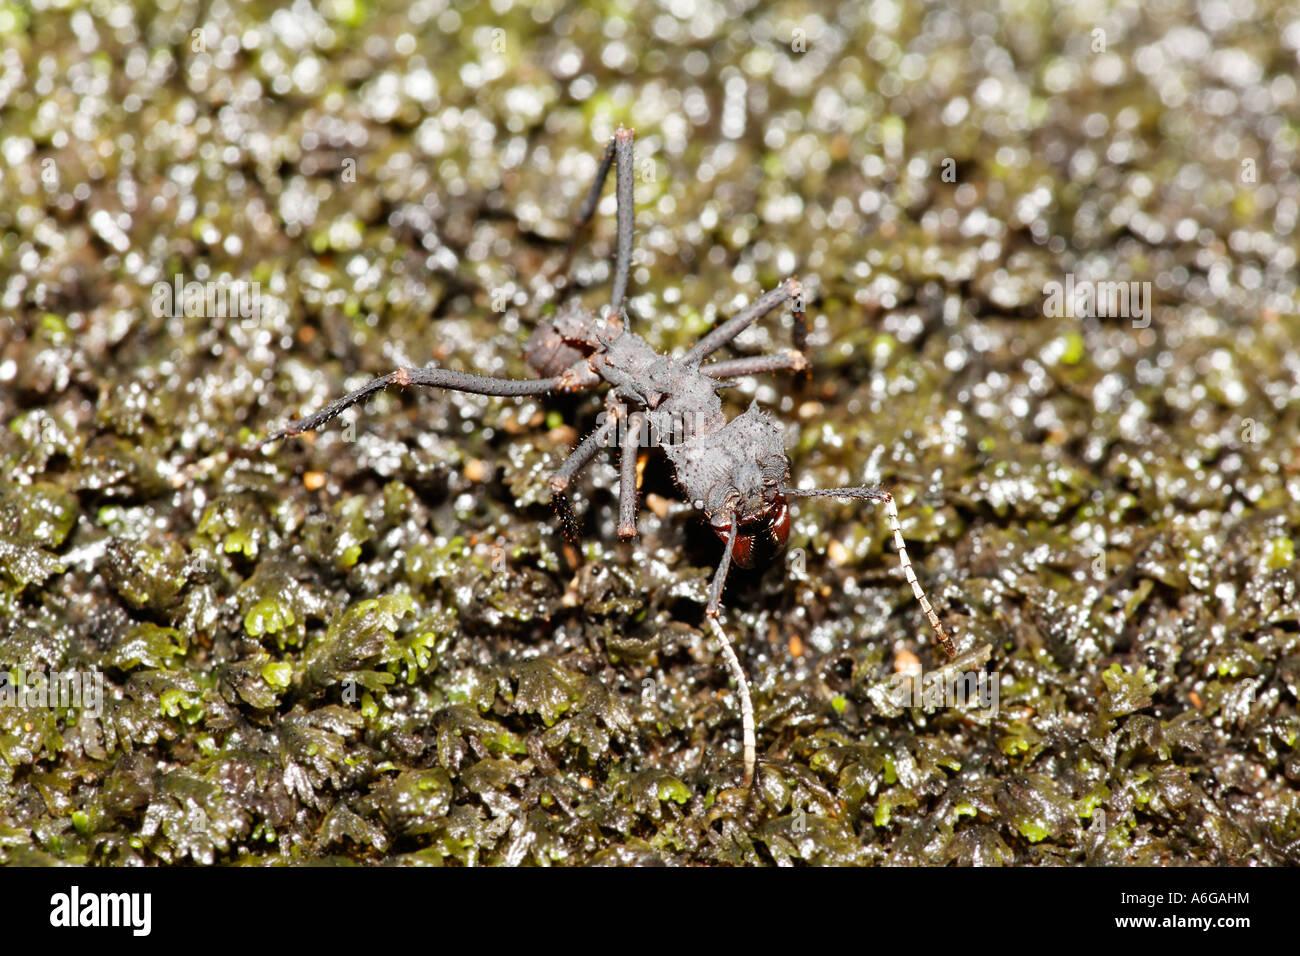 Niedlich Ameisen Färbung Seite Fotos - Malvorlagen-Ideen ...